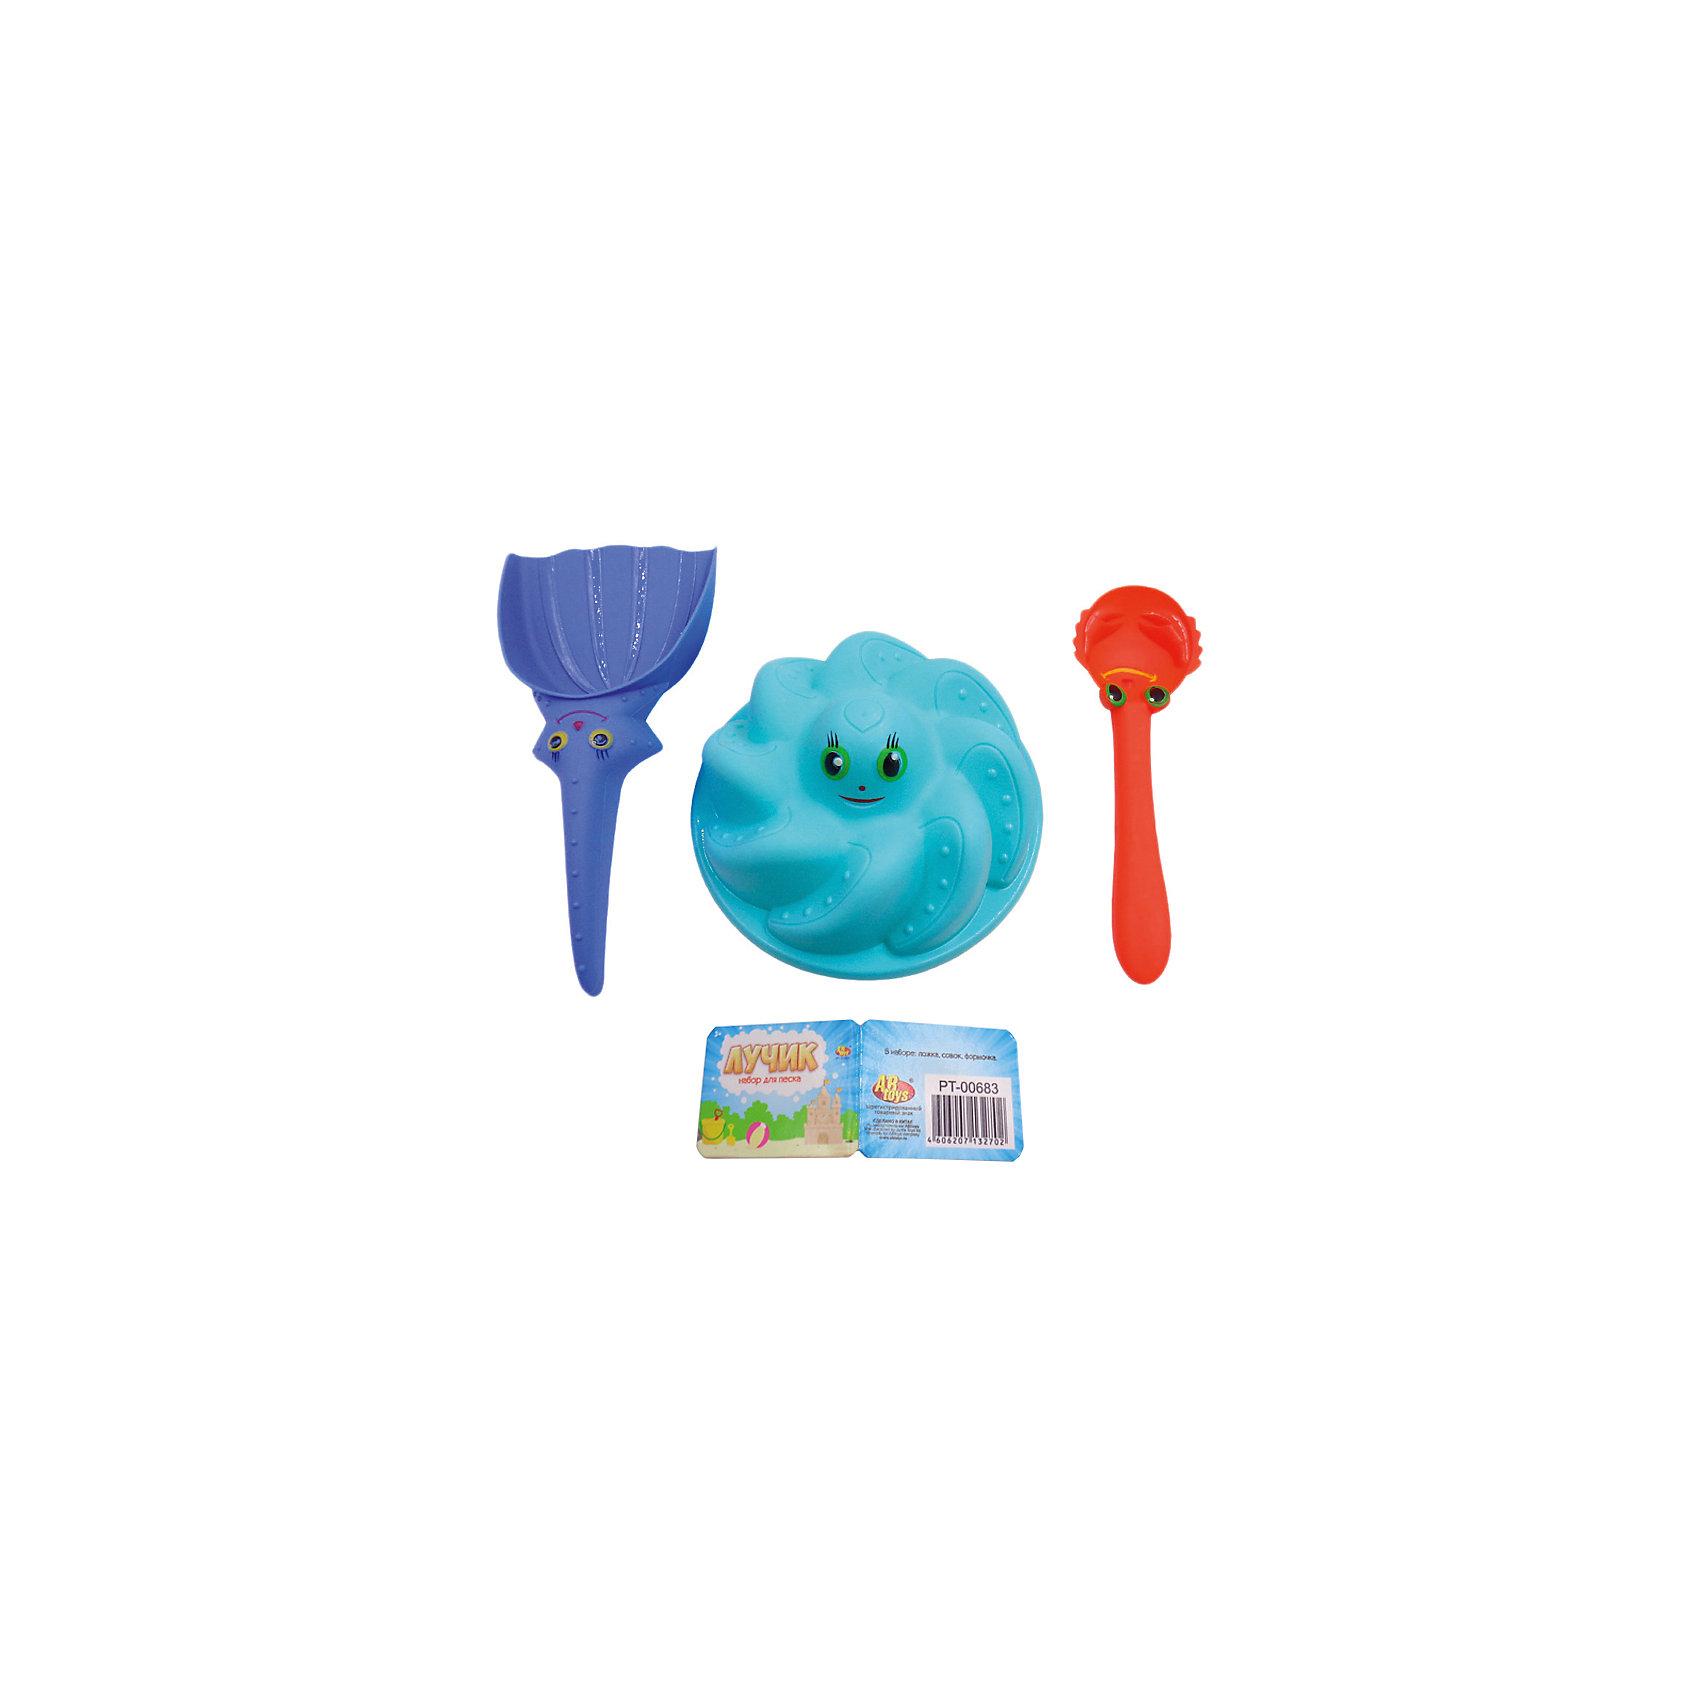 Набор для песка Лучик, 3 предмета, ABtoysИграем в песочнице<br>Набор для песка Лучик, 3 предмета, ABtoys (АБтойс)<br><br>Характеристики:<br><br>• в комплекте: формочка, лопатка, ложка<br>• материал: пластик<br>• размер упаковки: 18х19х6 см<br>• вес: 90 грамм<br><br>Набор Лучик пригодится малышу на пляже или в песочнице. Набор состоит из лопатки, формочки и ложки. Они изготовлены из прочного безопасного пластика и выполнены в виде морских животных. Малыш сможет построить целый замок для подводных обитателей.  Играть с веселыми зверушками еще веселее!<br><br>Набор для песка Лучик, 3 предмета, ABtoys (АБтойс) можно купить в нашем интернет-магазине.<br><br>Ширина мм: 180<br>Глубина мм: 190<br>Высота мм: 60<br>Вес г: 90<br>Возраст от месяцев: 36<br>Возраст до месяцев: 2147483647<br>Пол: Унисекс<br>Возраст: Детский<br>SKU: 5571432